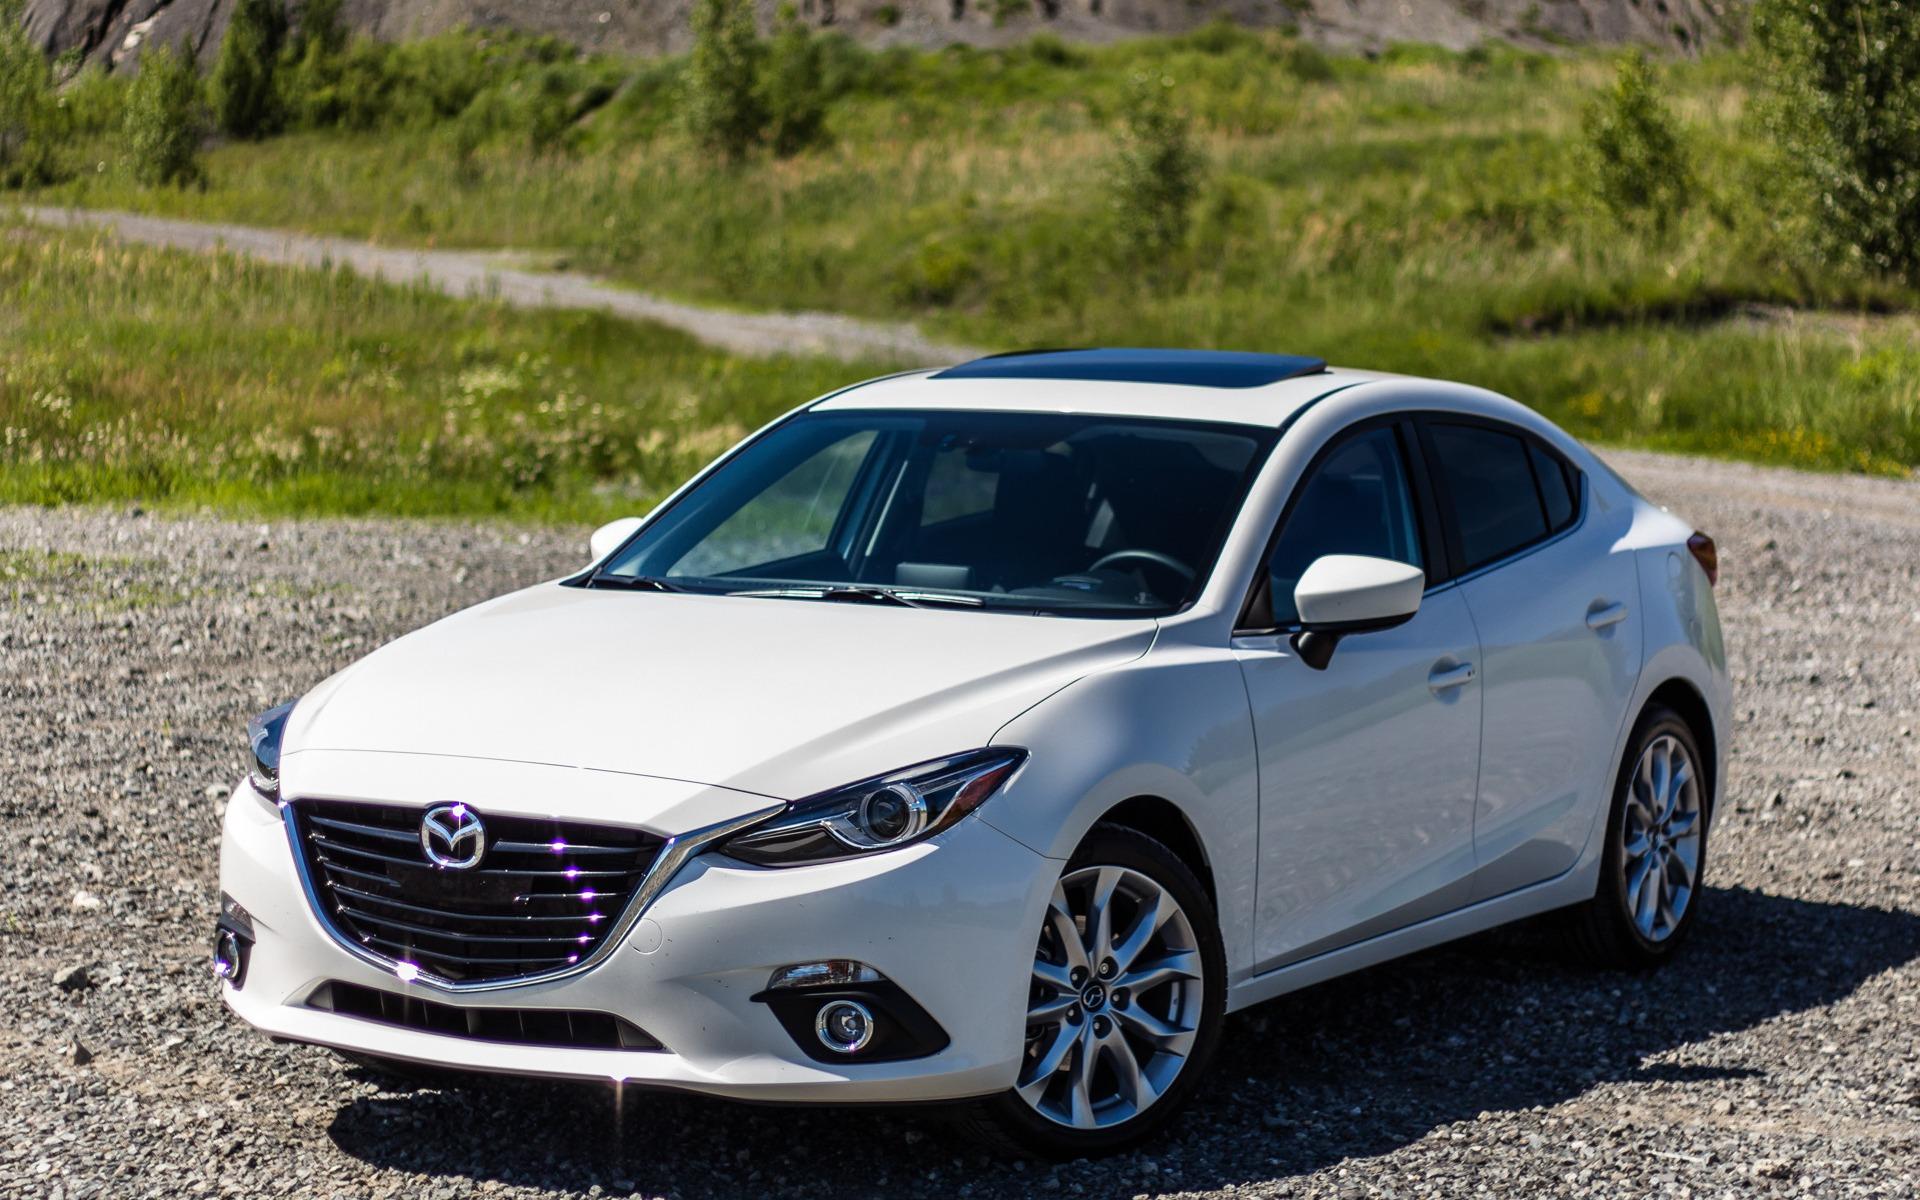 Mua xe Mazda giá 500 triệu, người mua có thể chọn xe oto Mazda 3 2015 - 2016 cũ